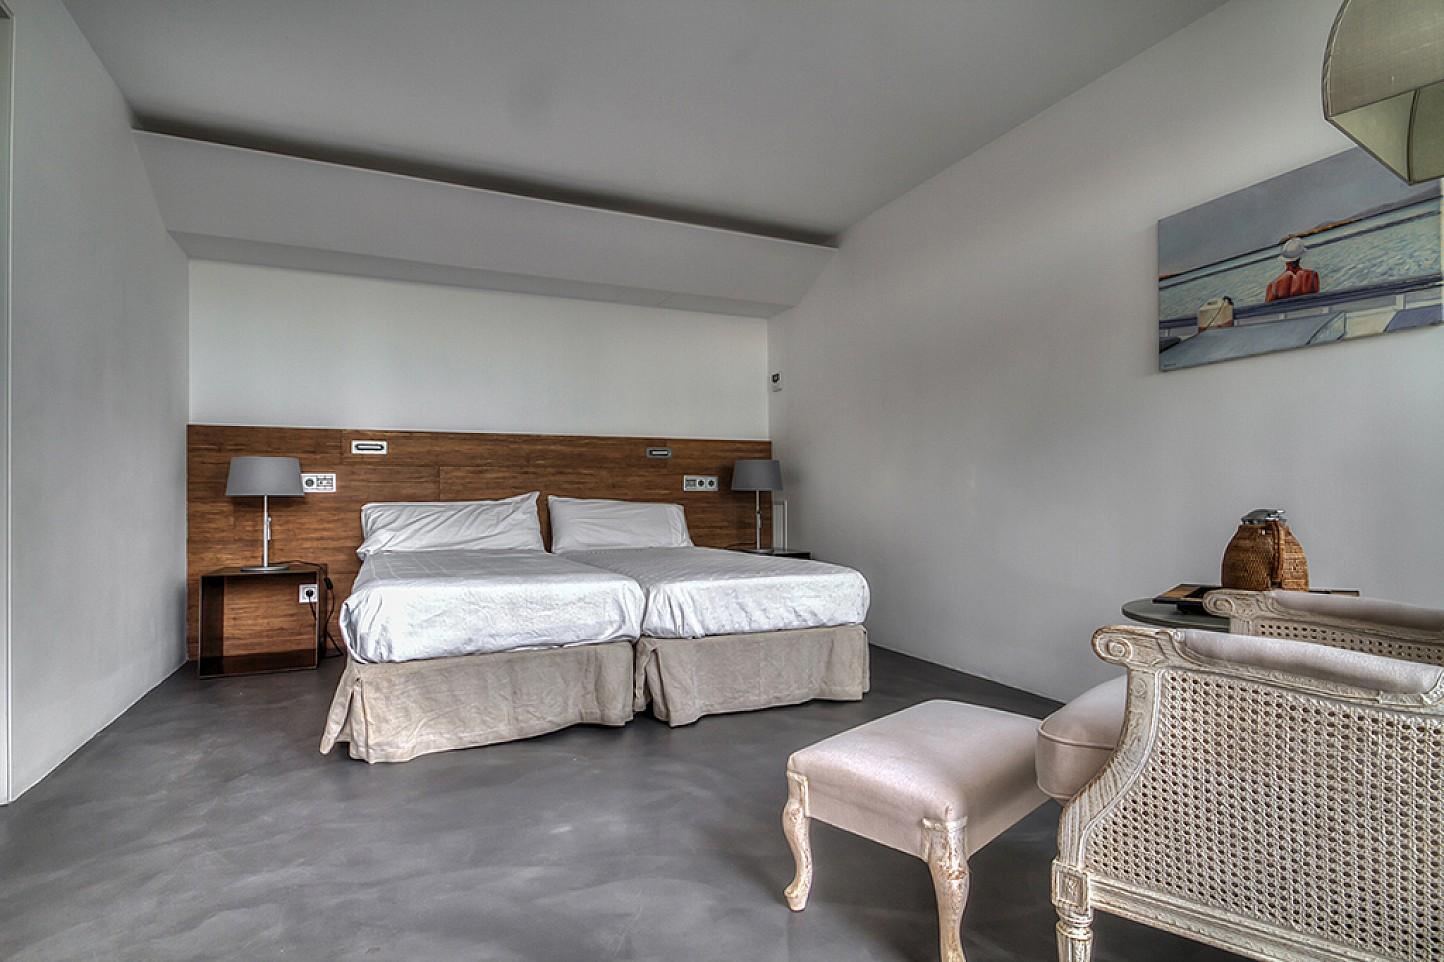 Dormitori amb dos llits